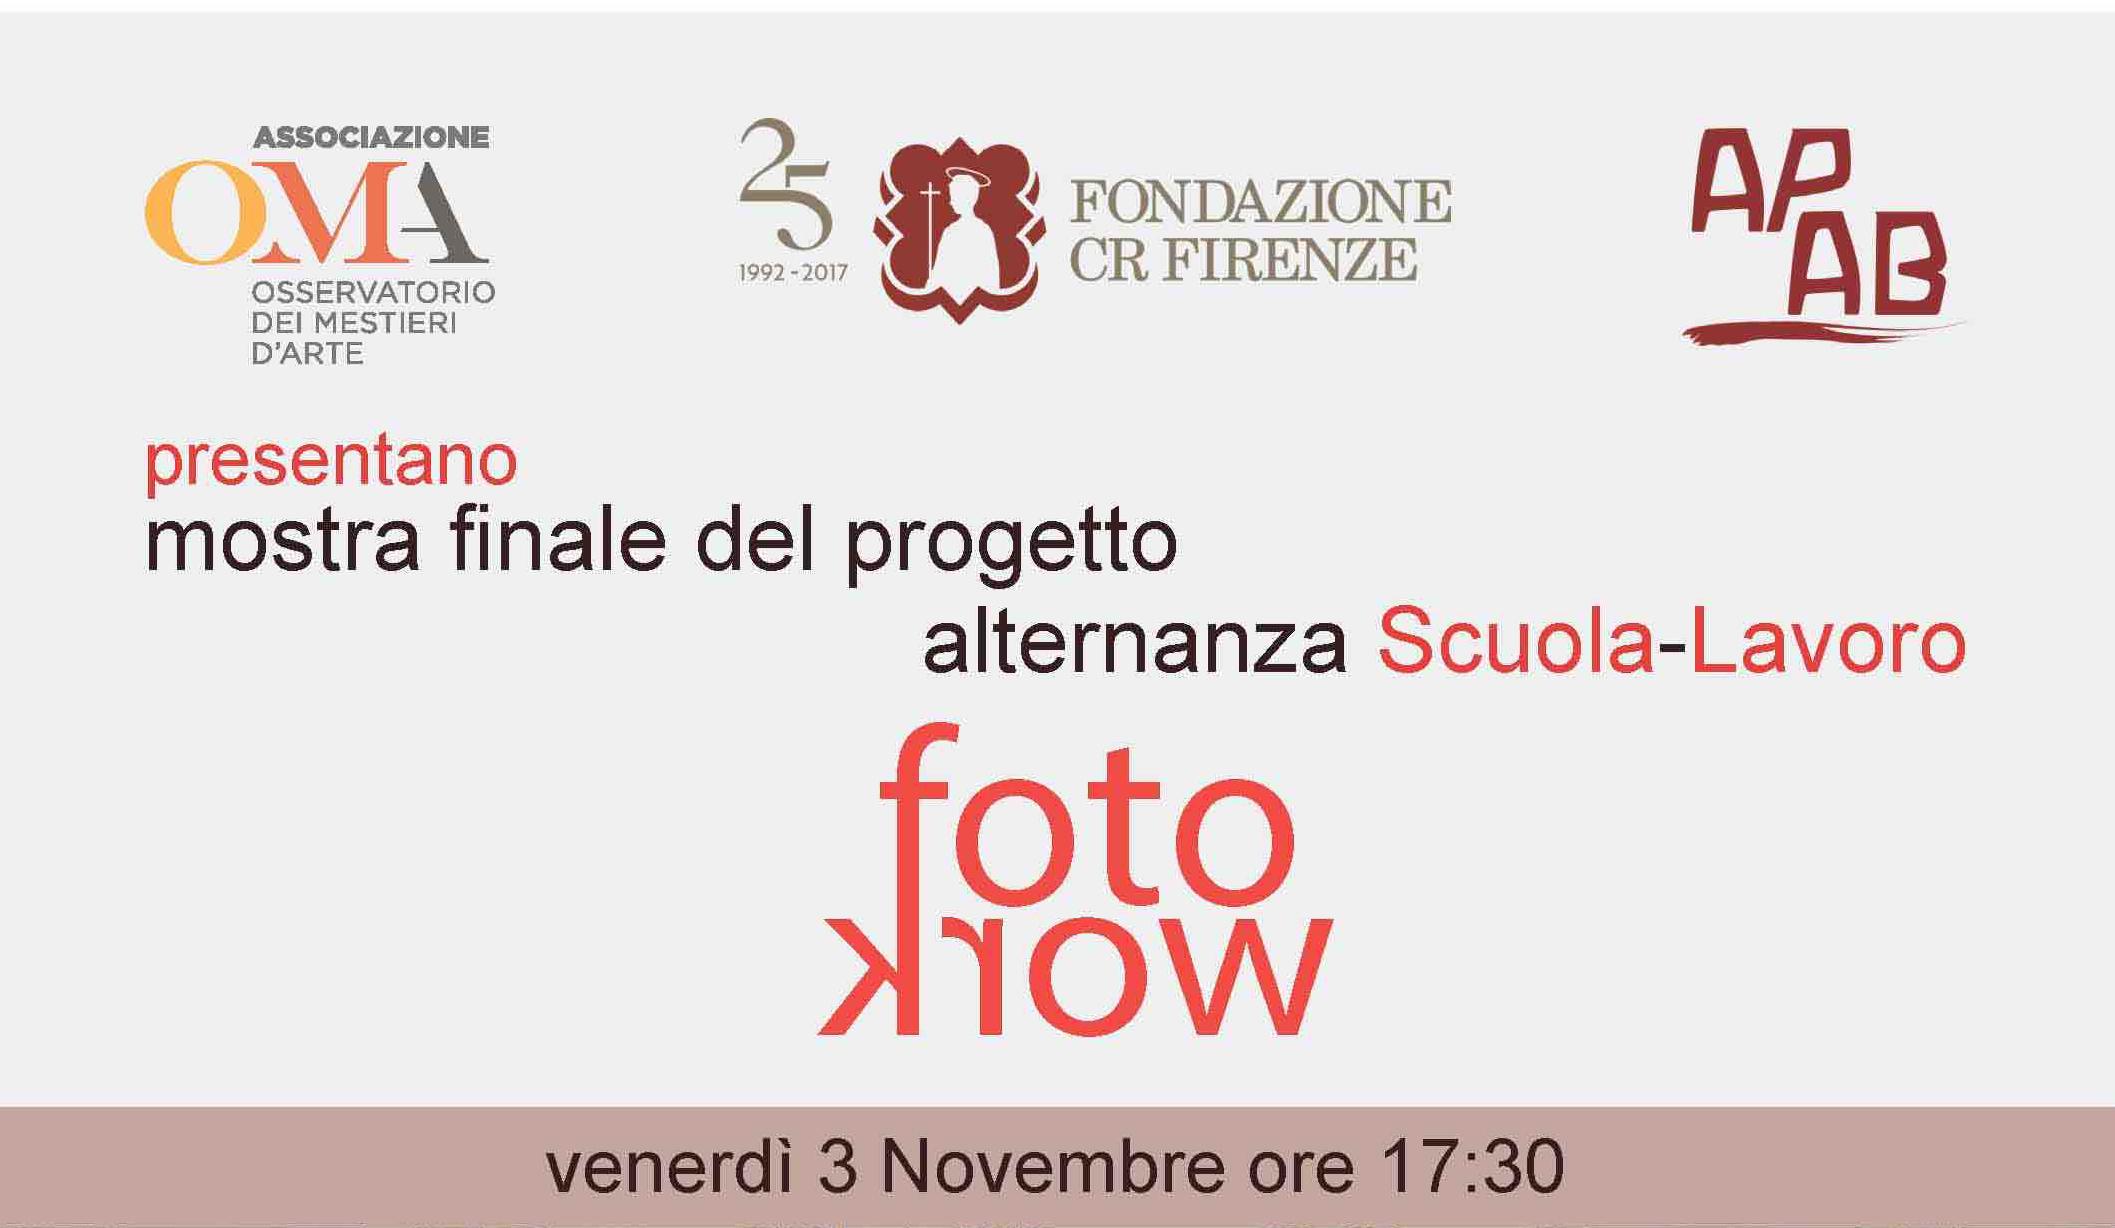 FotoWork: Evento Finale Su Alternanza Scuola-Lavoro 3 Novembre 2017 A Firenze